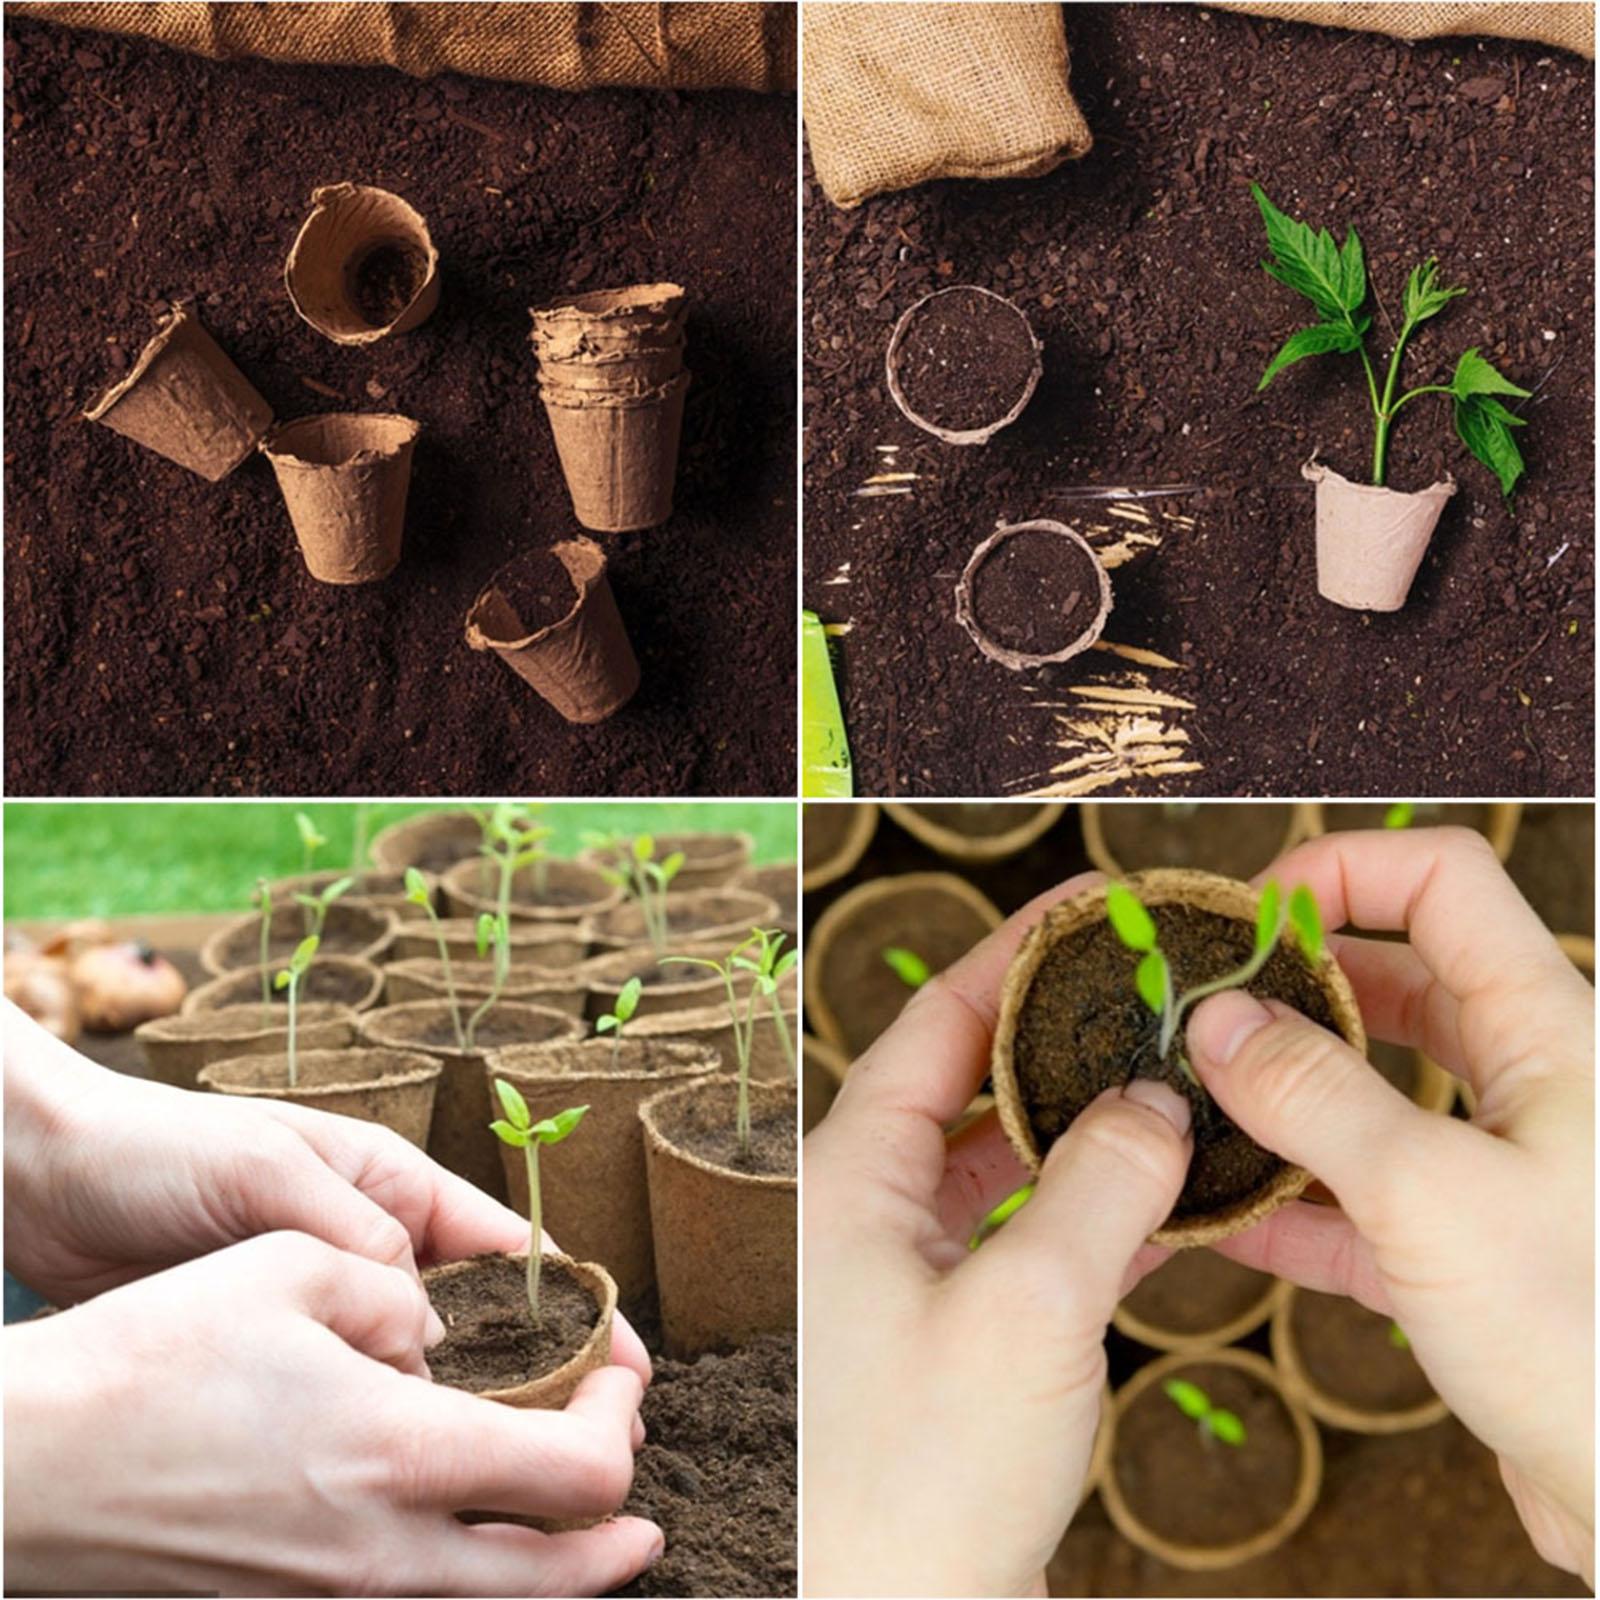 100 PCS% 2FSet For Plant Flowers 25 Plant Labels Garden Nursery Garden Seedling Tray Seed Starter Kit Seedling Tray